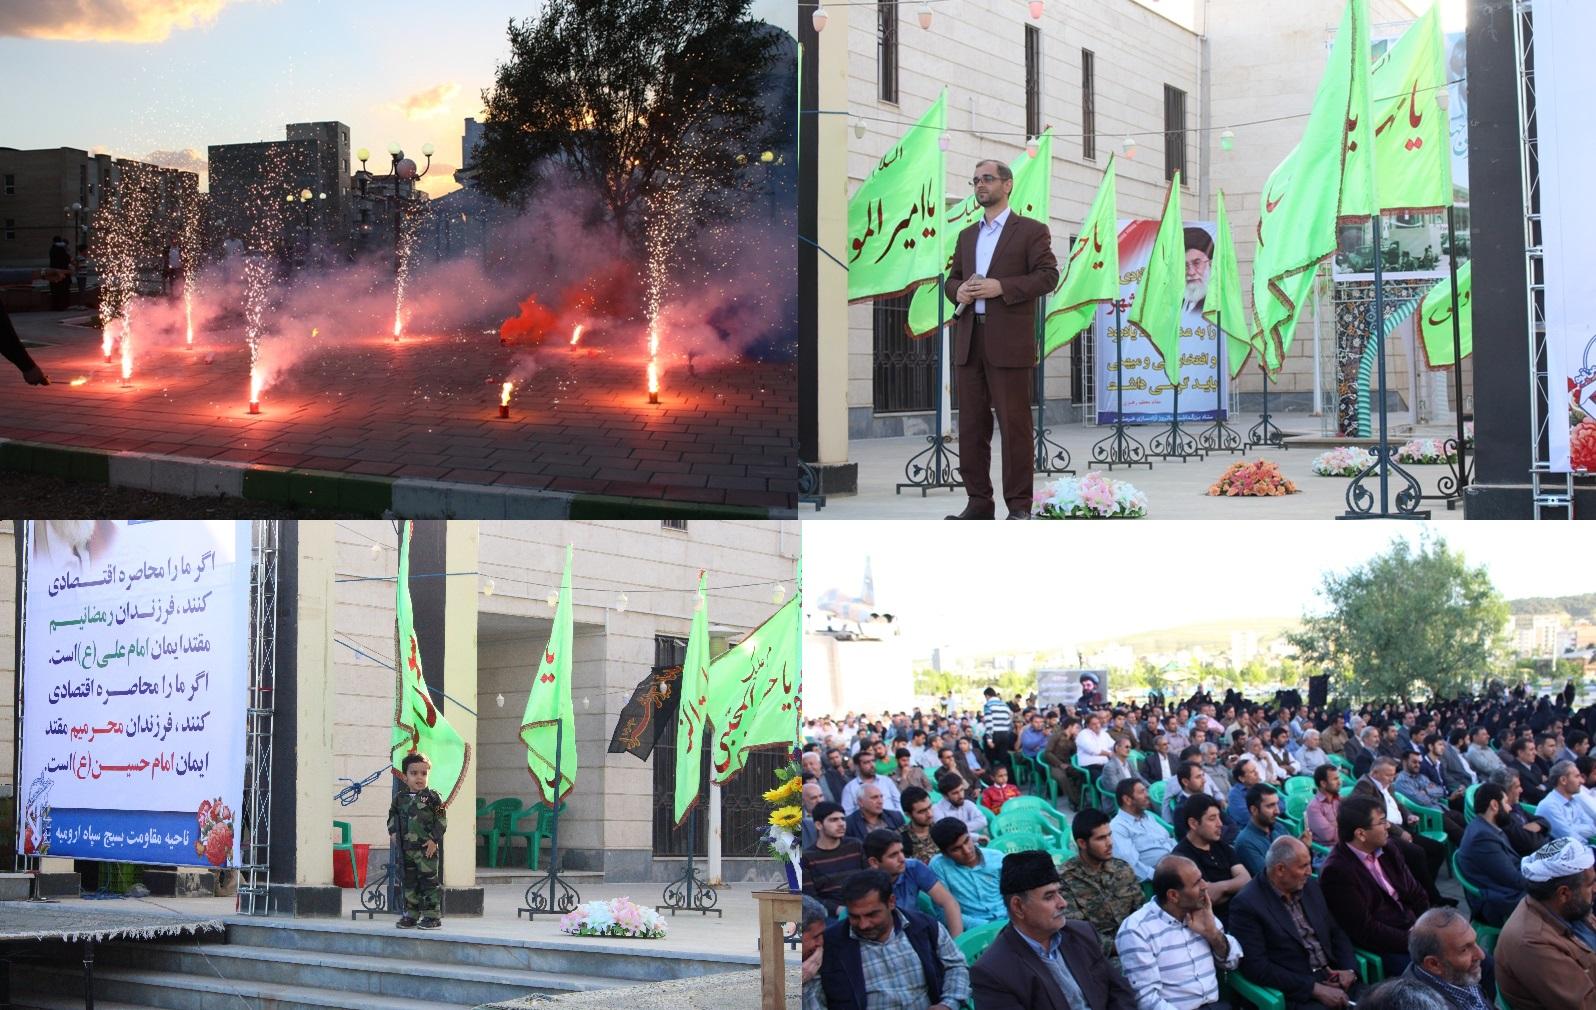 مراسم گرامیداشت سالروز آزادسازی خرمشهر در ارومیه برگزار شد